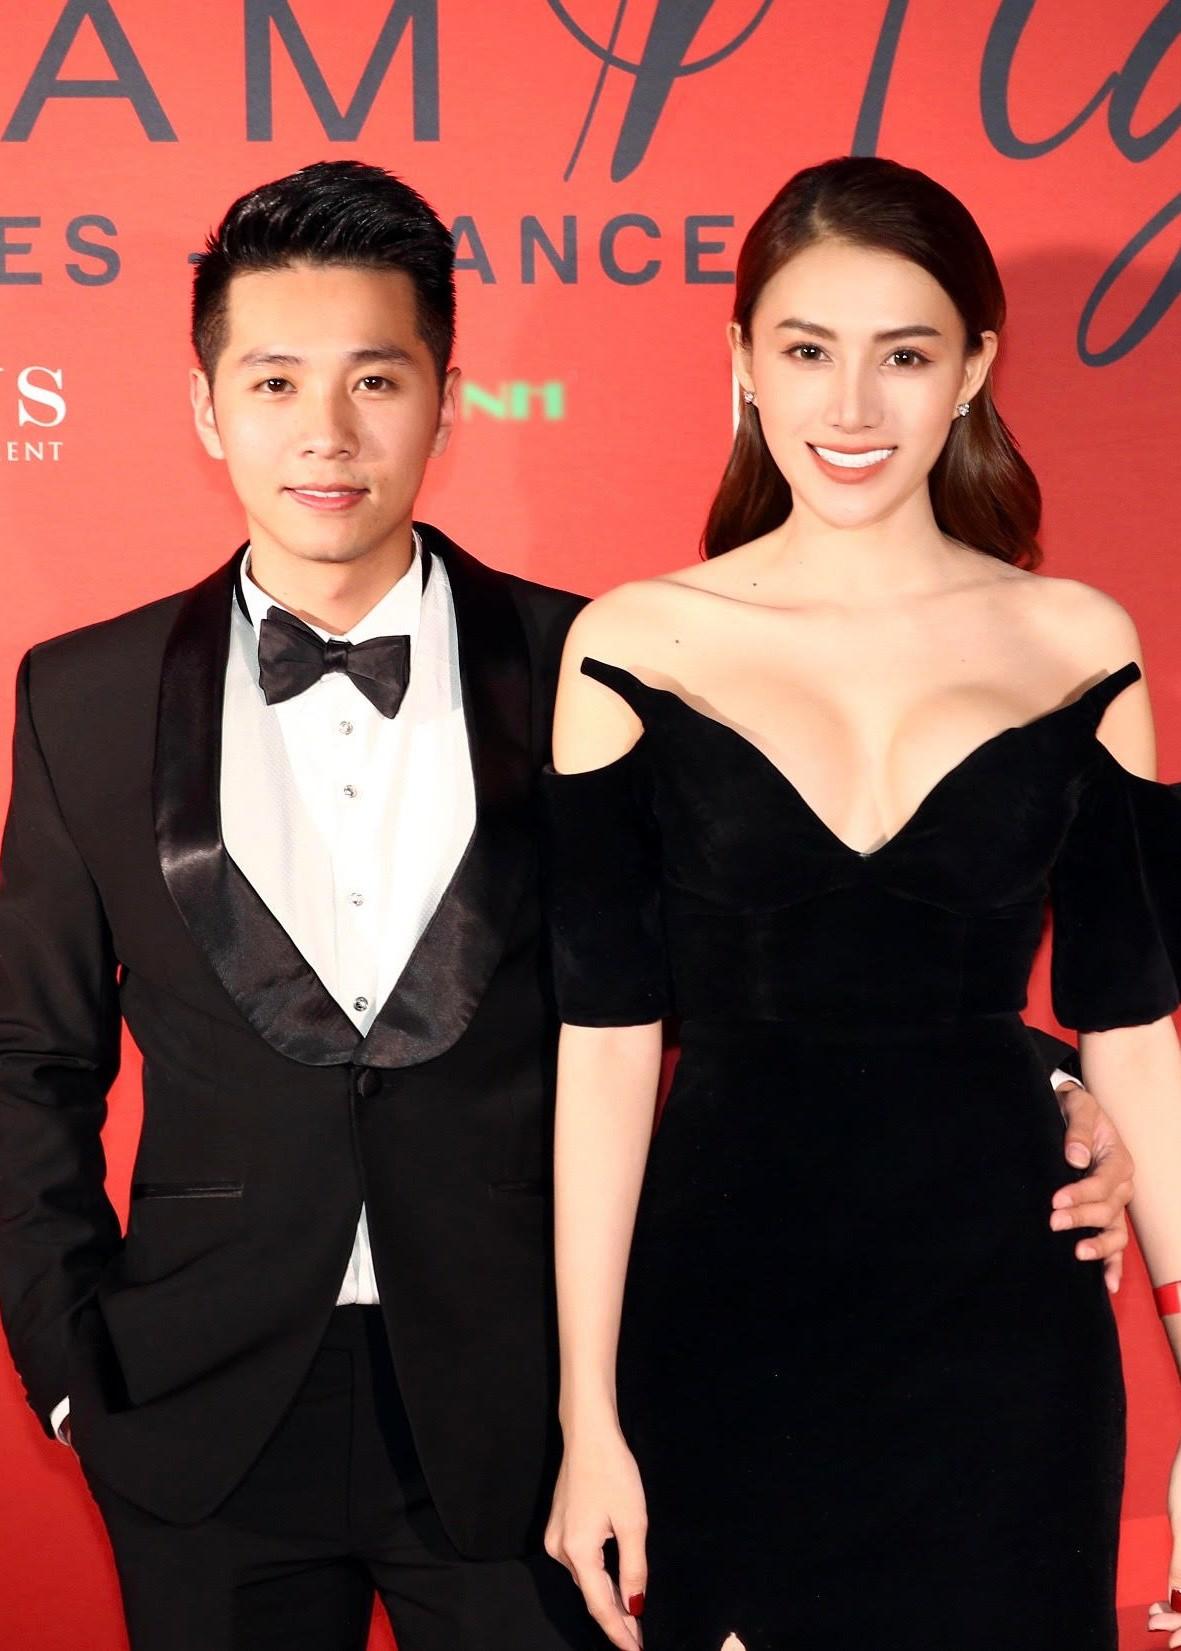 Ngọc Trinh xuất hiện gợi cảm, chọn mốt hở trên kín dưới sau màn khoe thân cực sốc trên thảm đỏ Cannes - Ảnh 8.